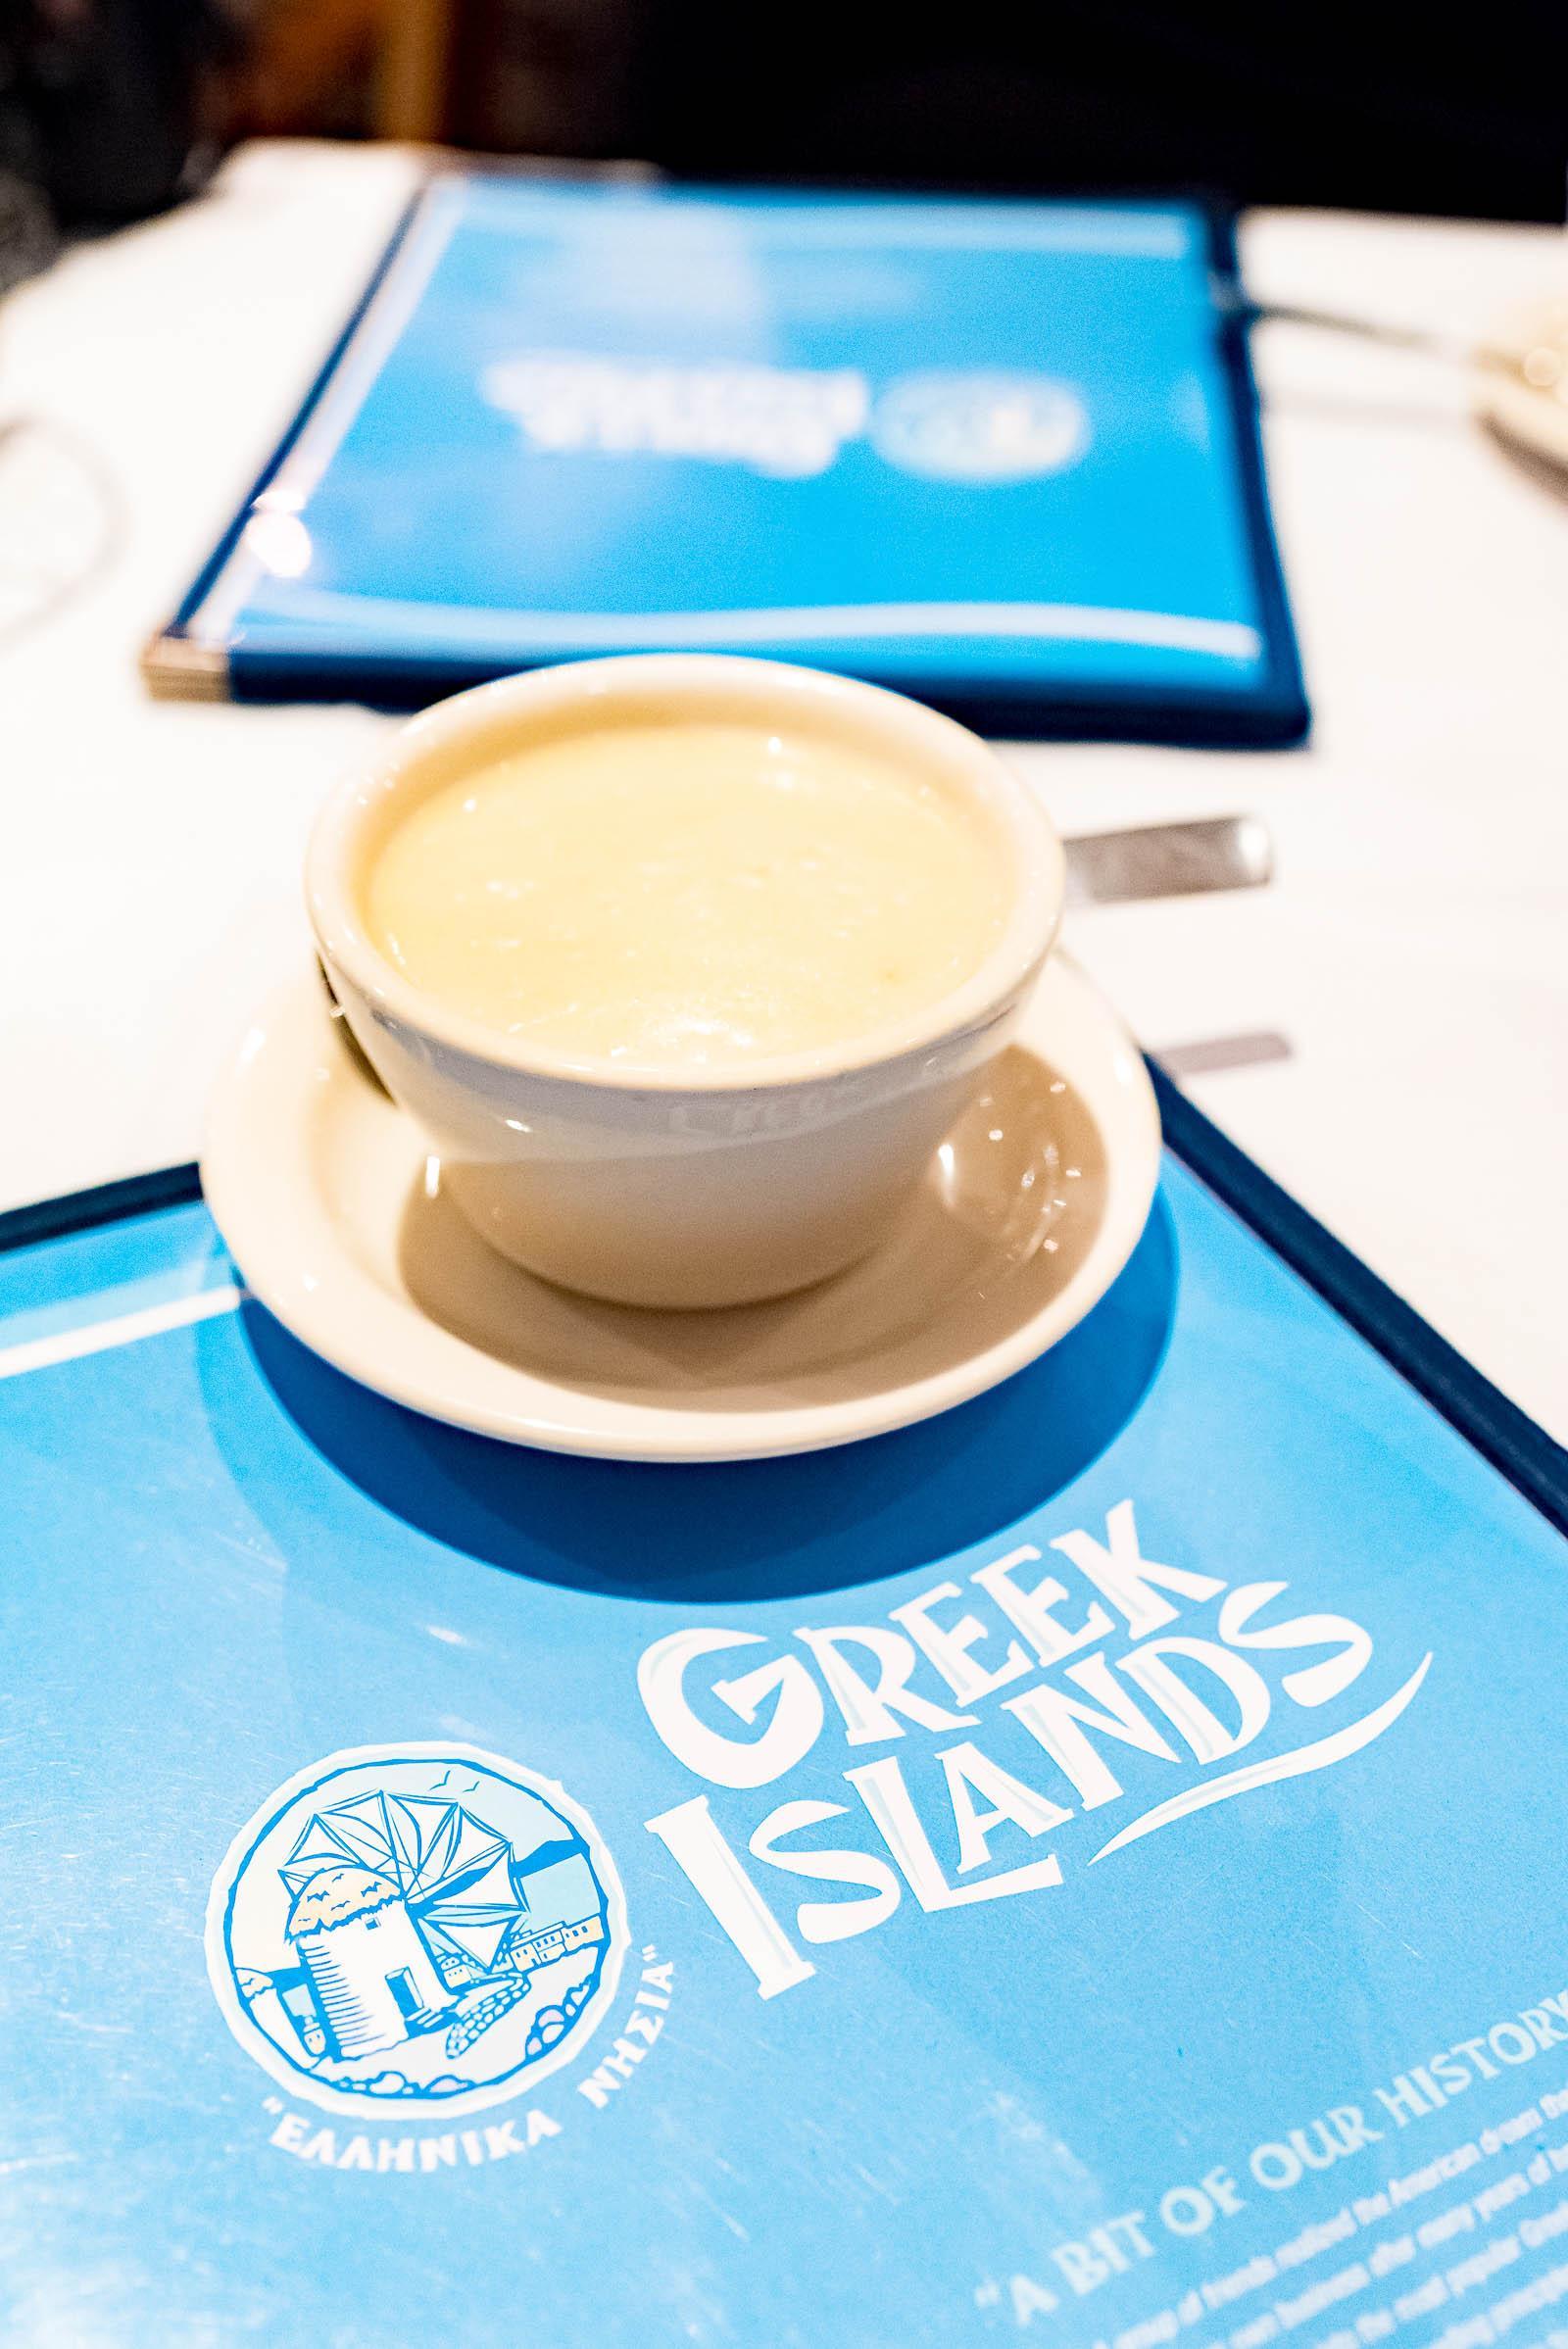 Greek Islands Chicago Restaurant